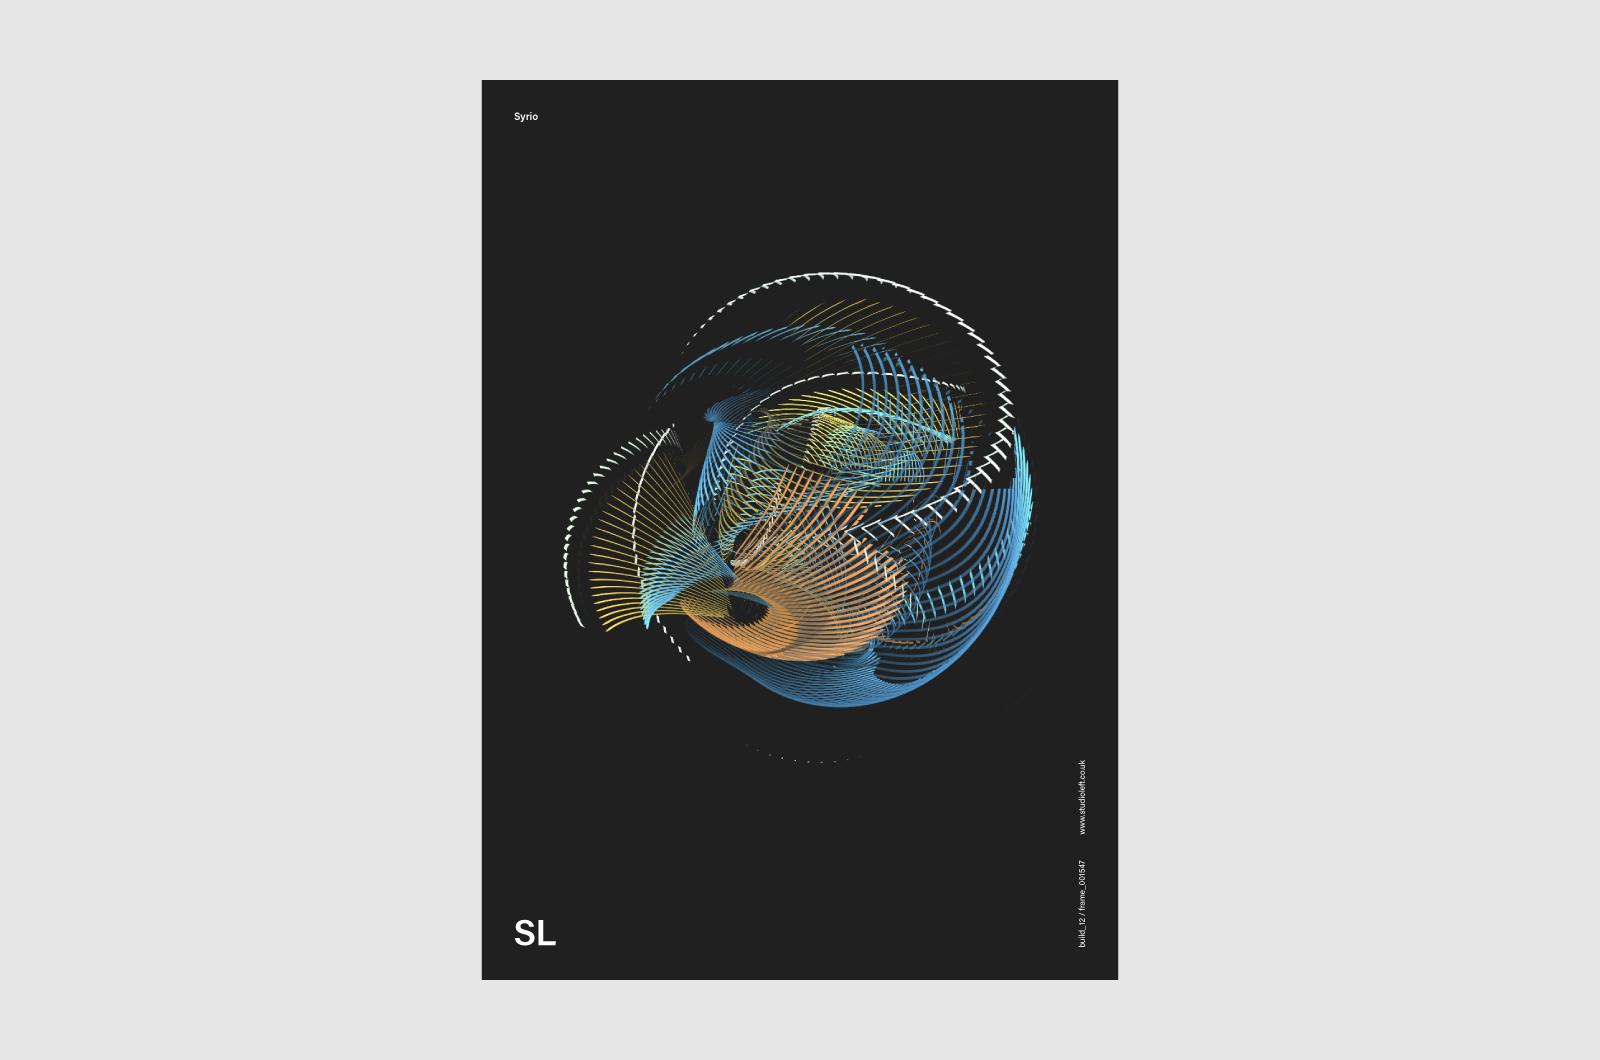 Syrio poster 06